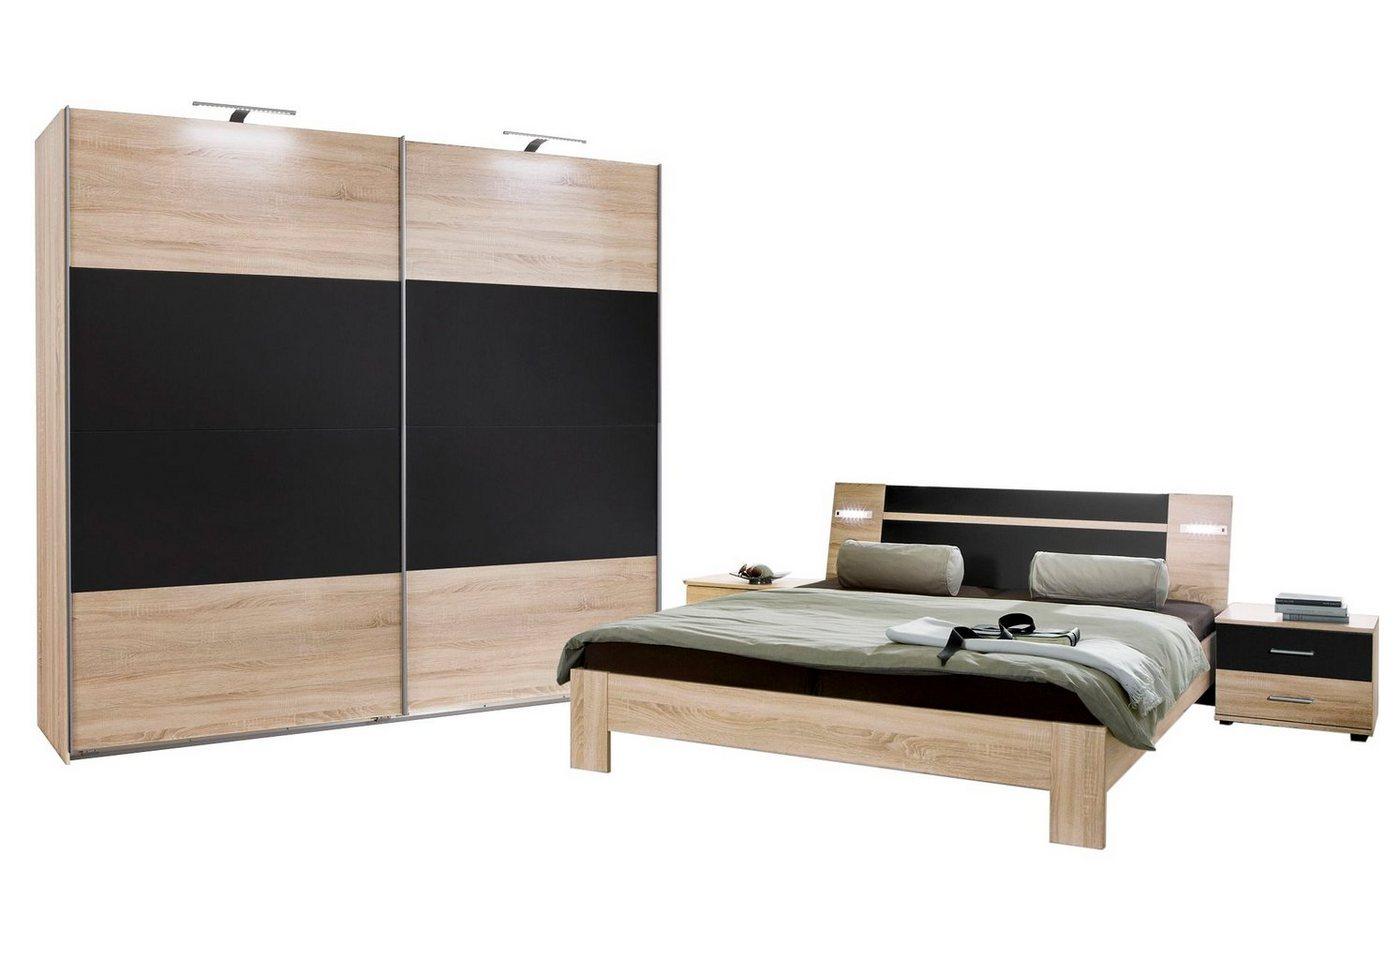 Slaapkamer, 4-delige set